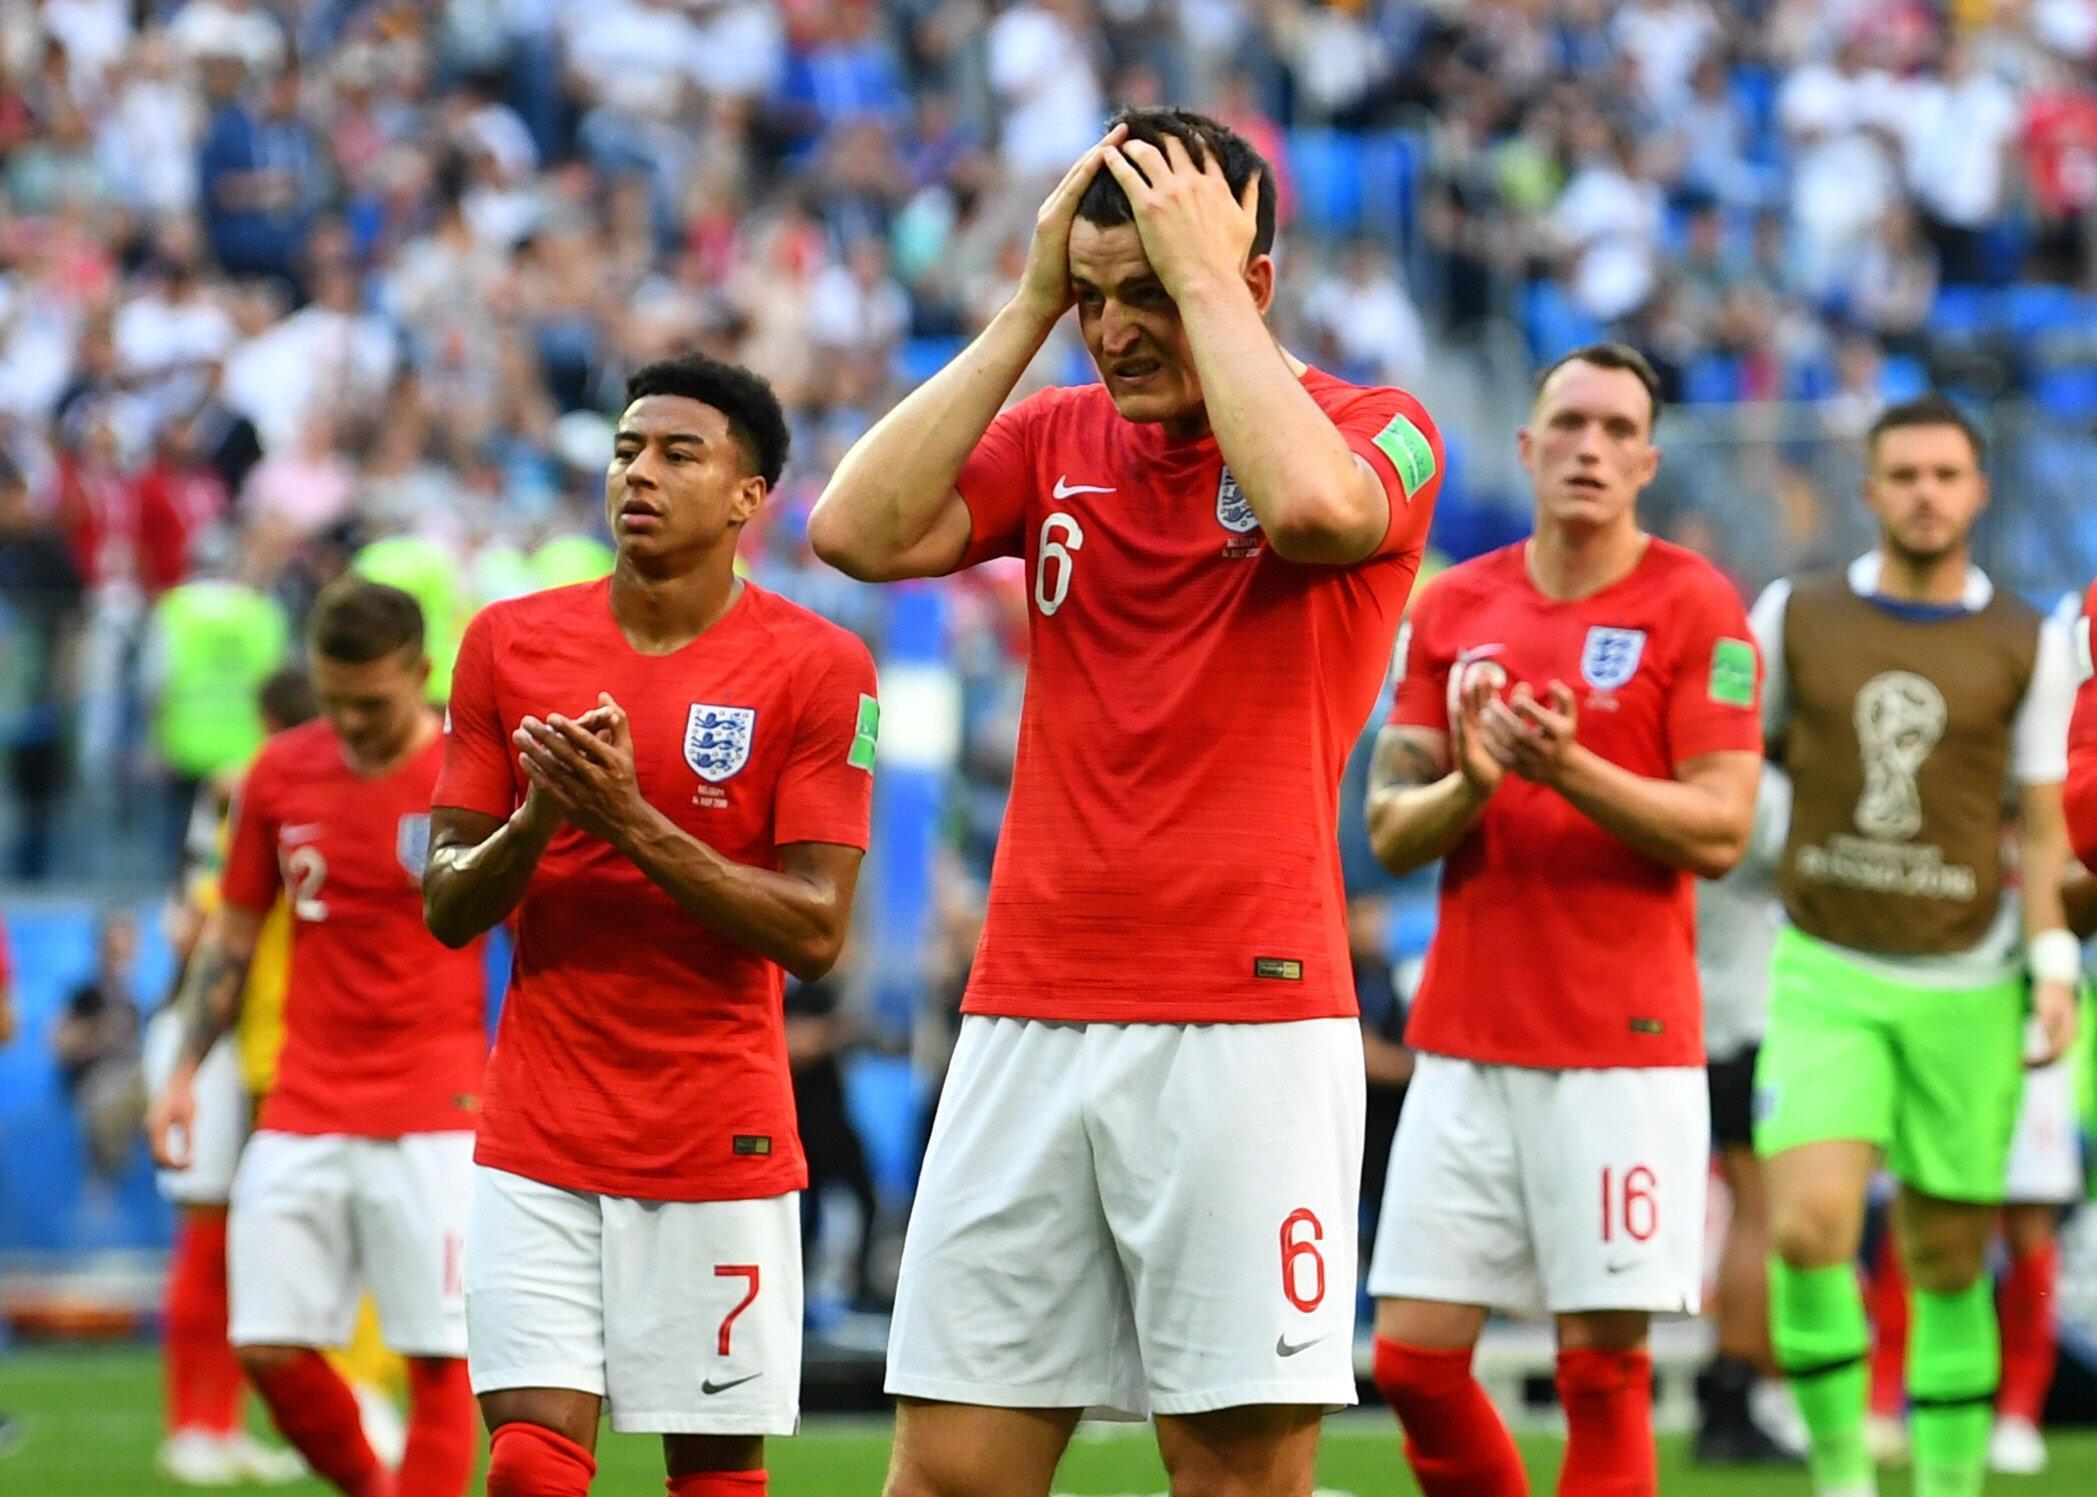 Inglaterra solo ha ganado una vez en su historia un título de una Copa del Mundo, fue en el mundial de Inglaterra 1966.